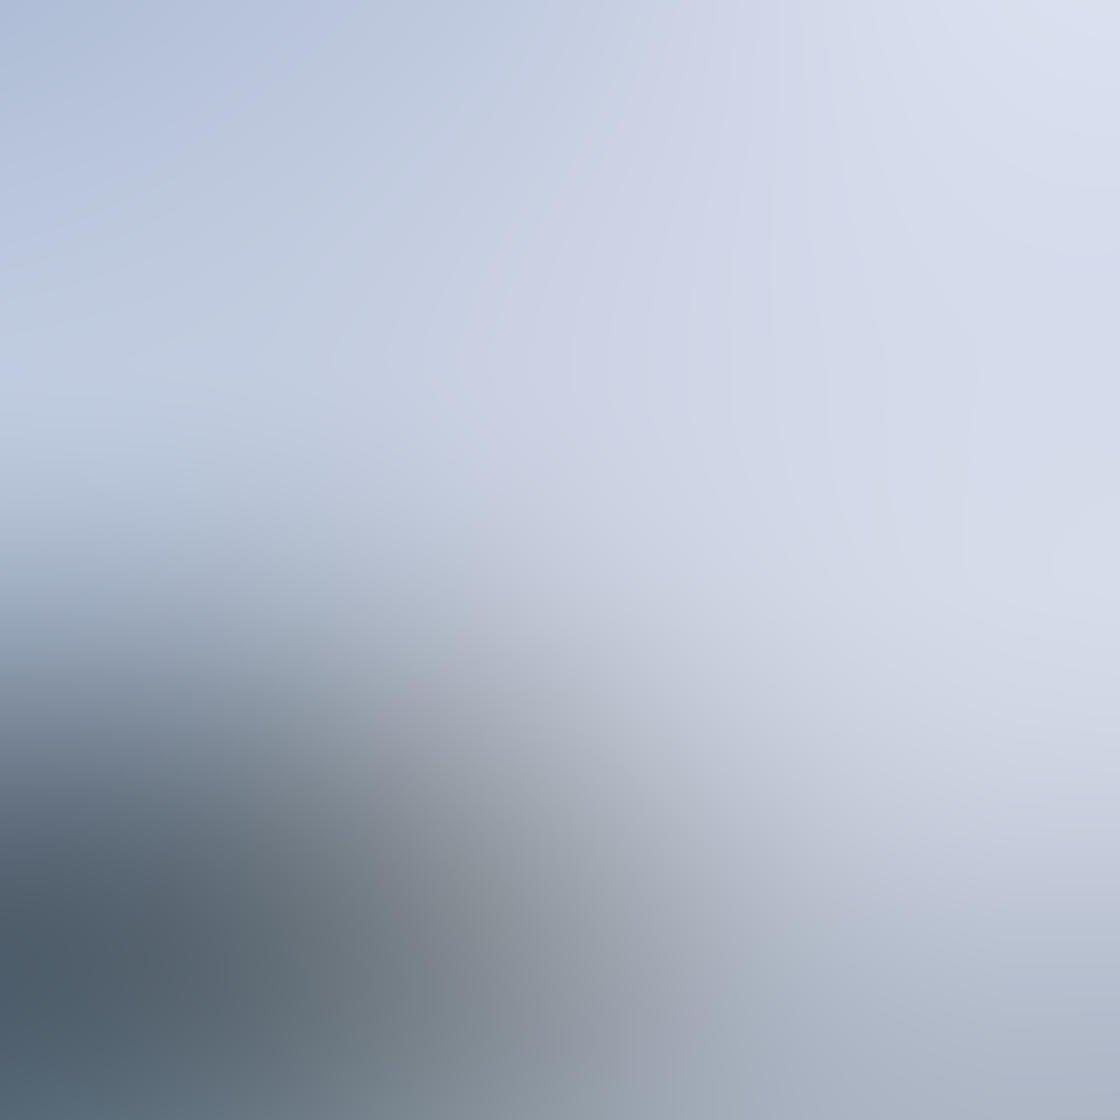 Landscape iPhone Photo Composition 11